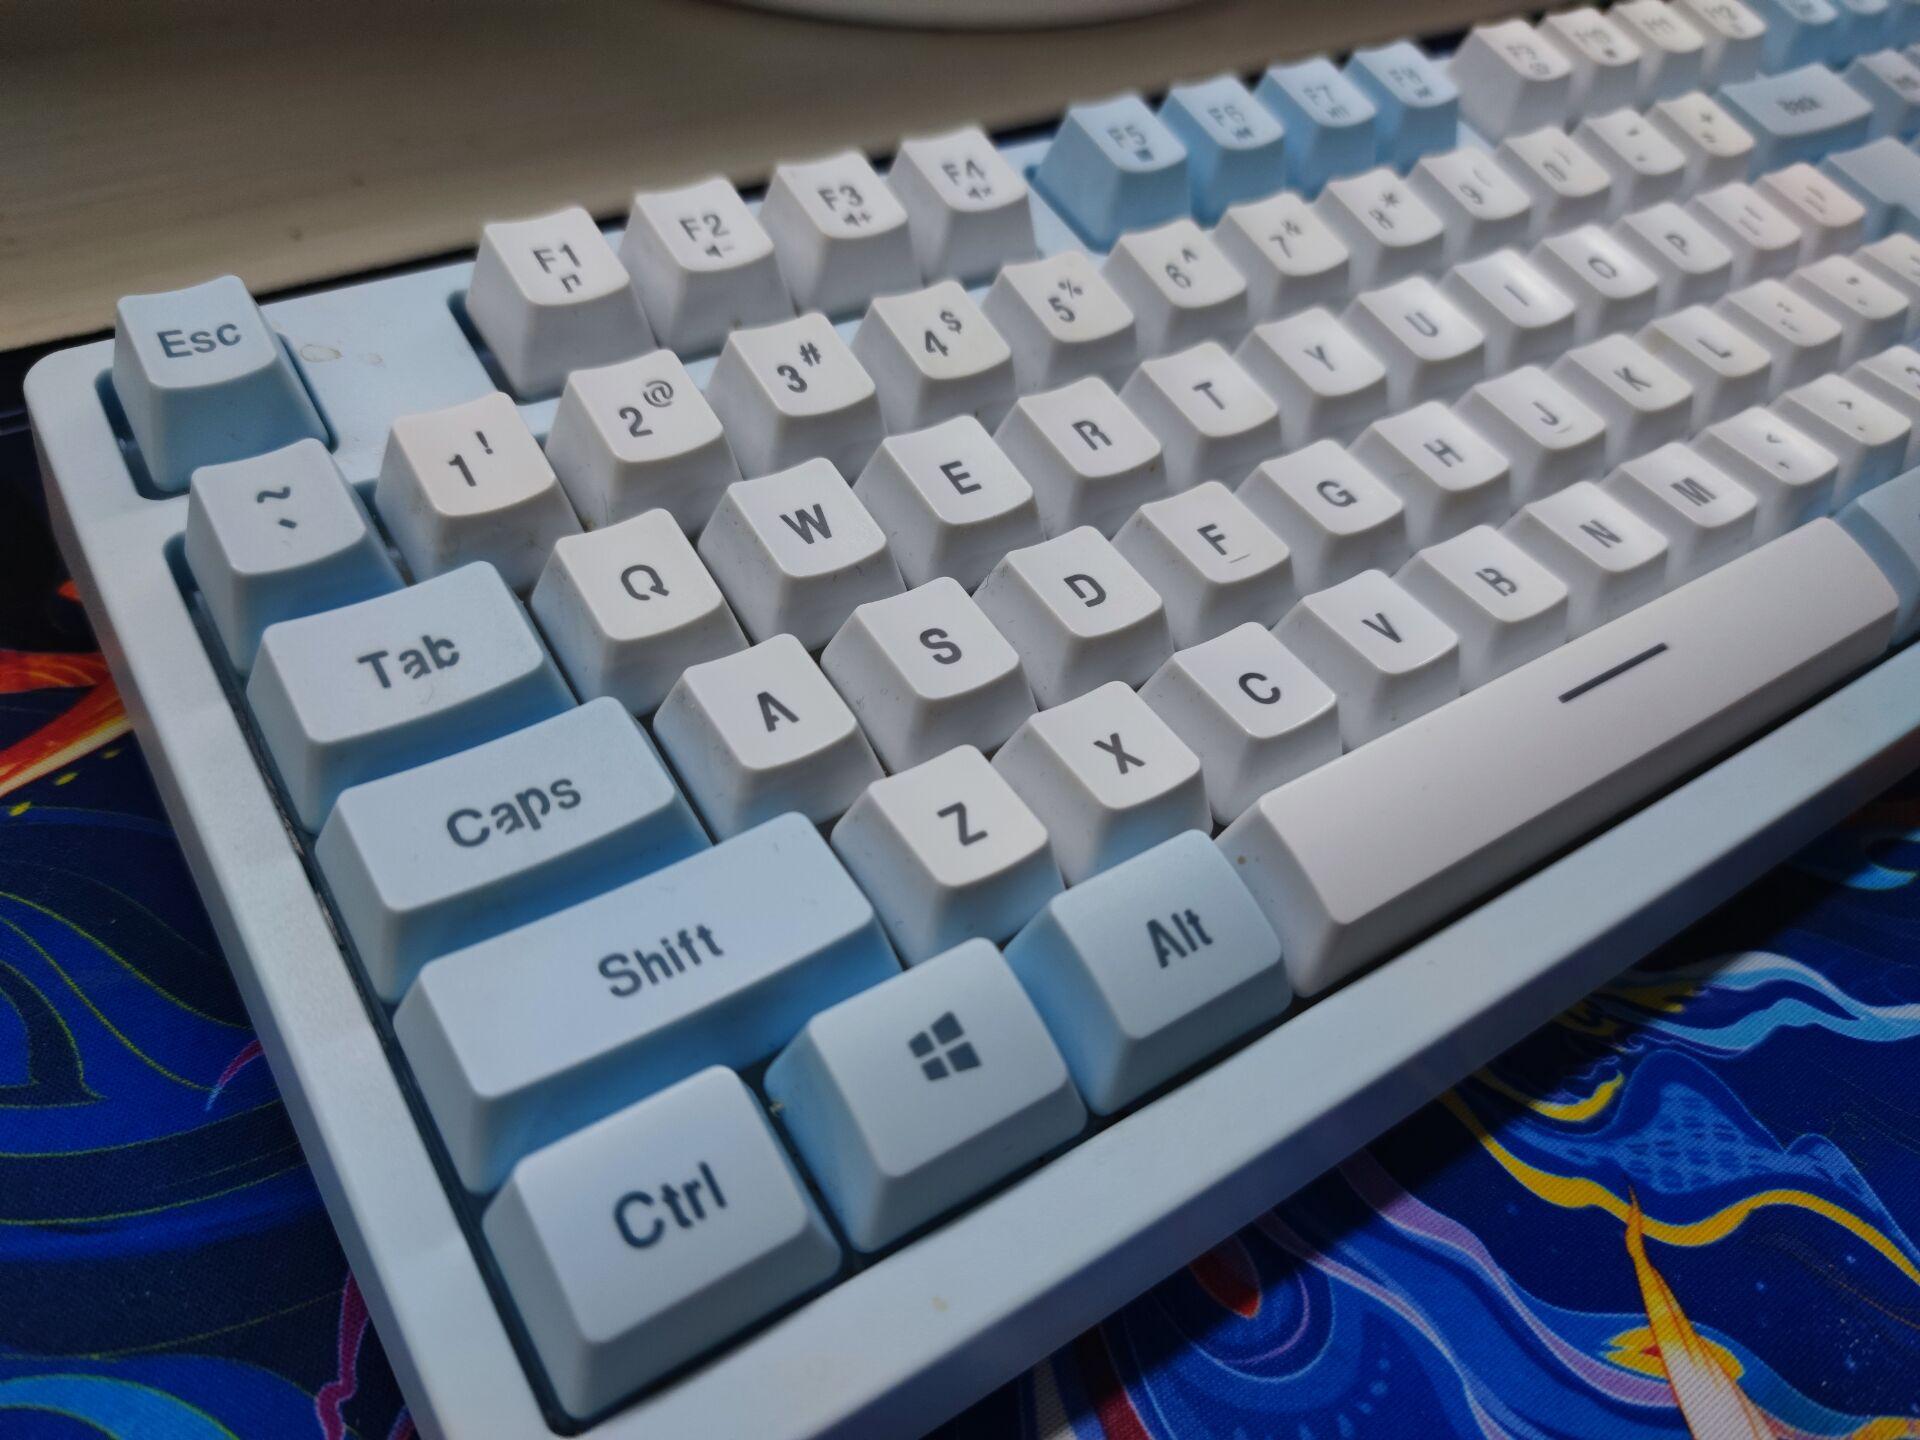 键盘锁了怎么解开?这样简单几步帮你解锁键盘